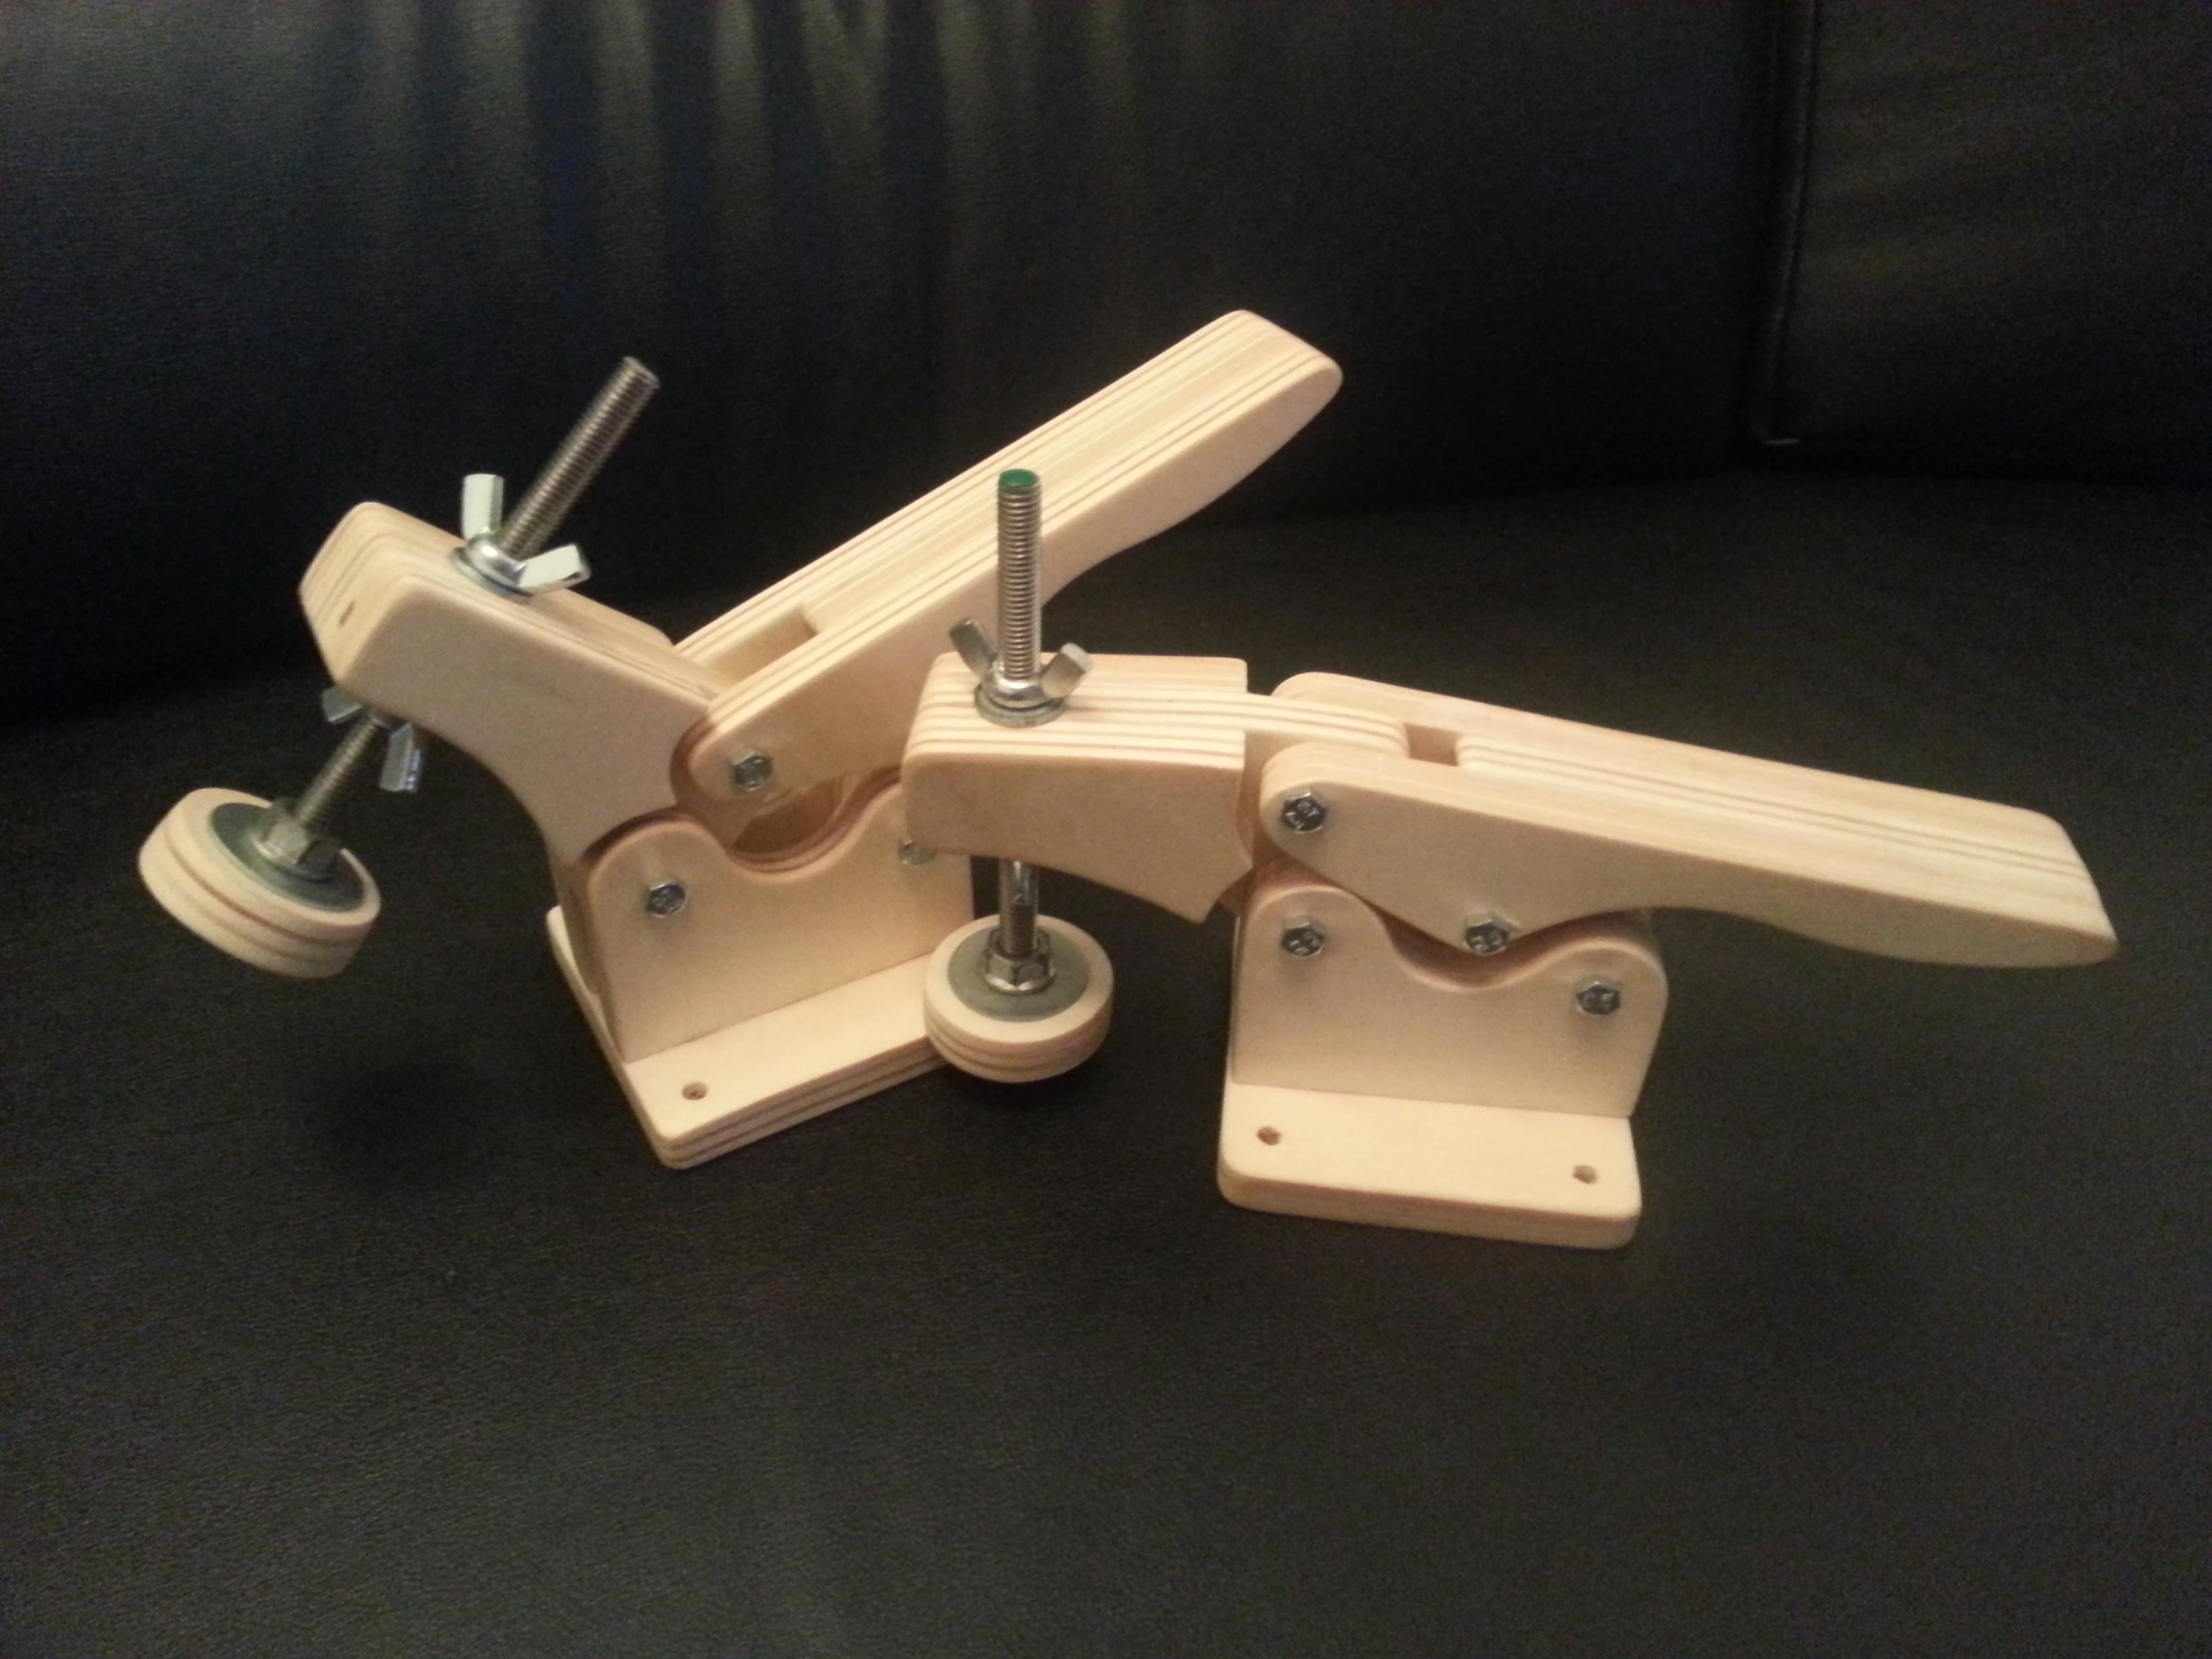 Holzspielzeug selber bauen swalif